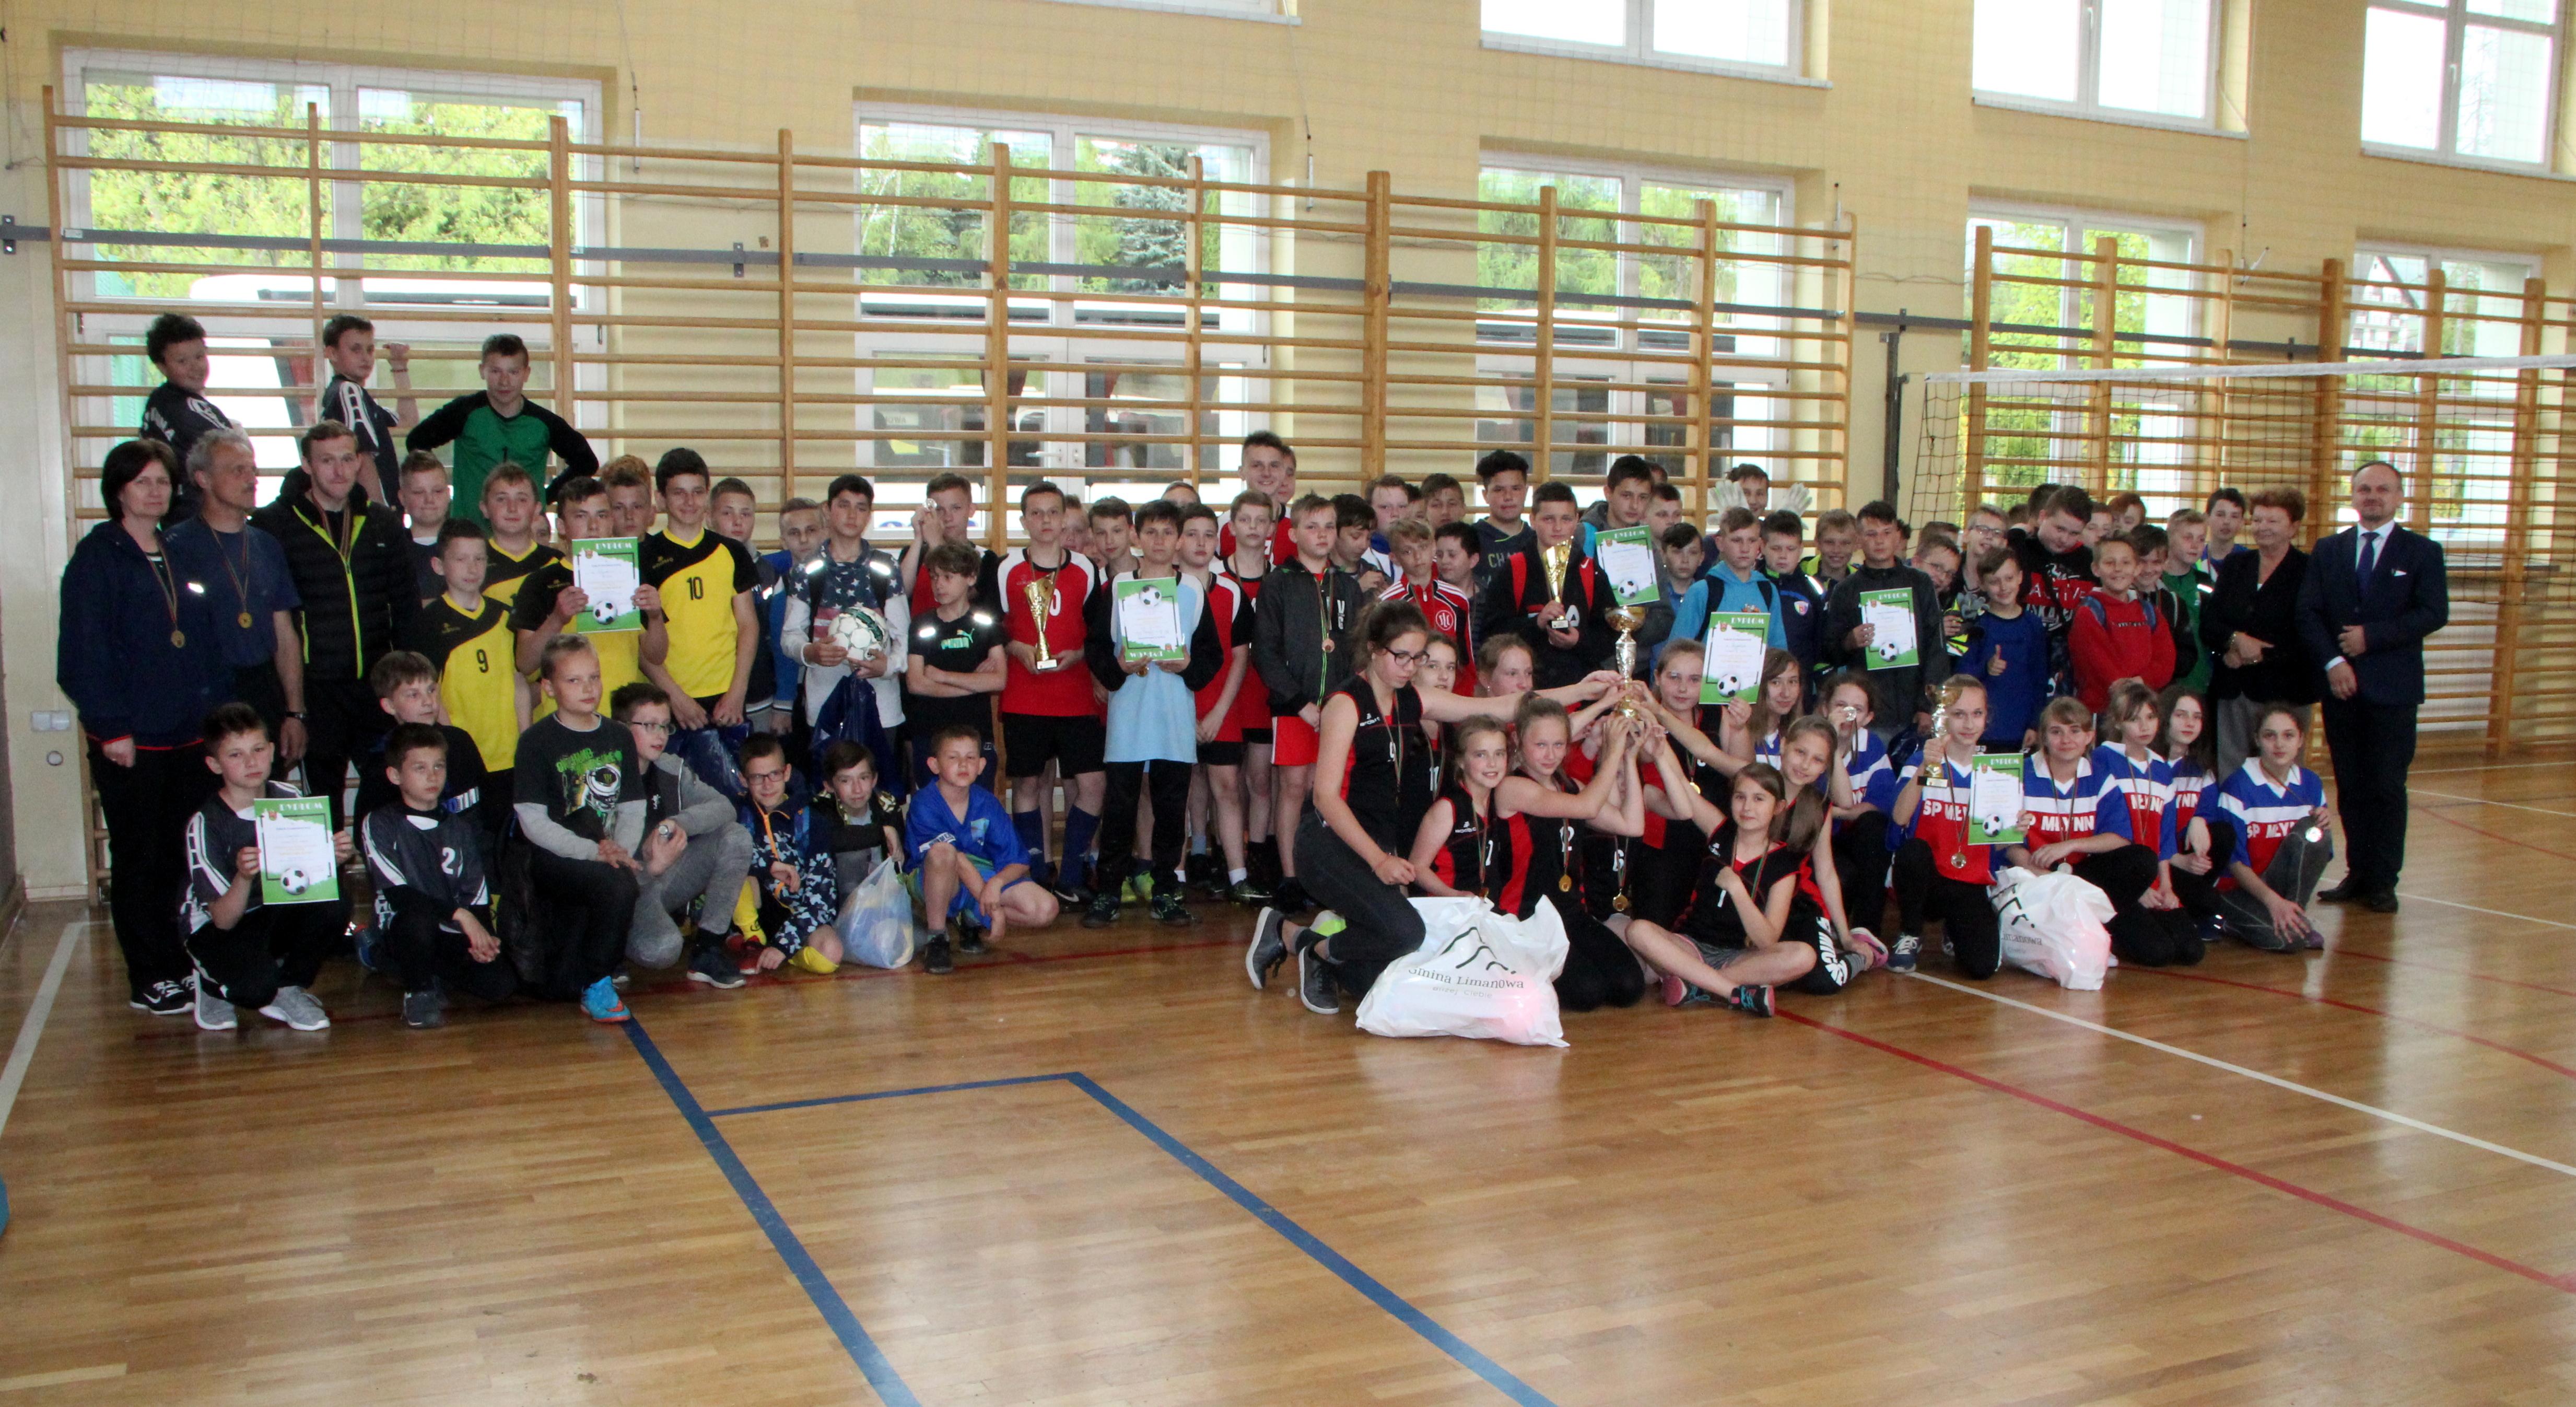 Mistrzostwa gminy w piłce nożnej chłopców i dziewczat ur. 2006 i młodszych - zdjęcie główne